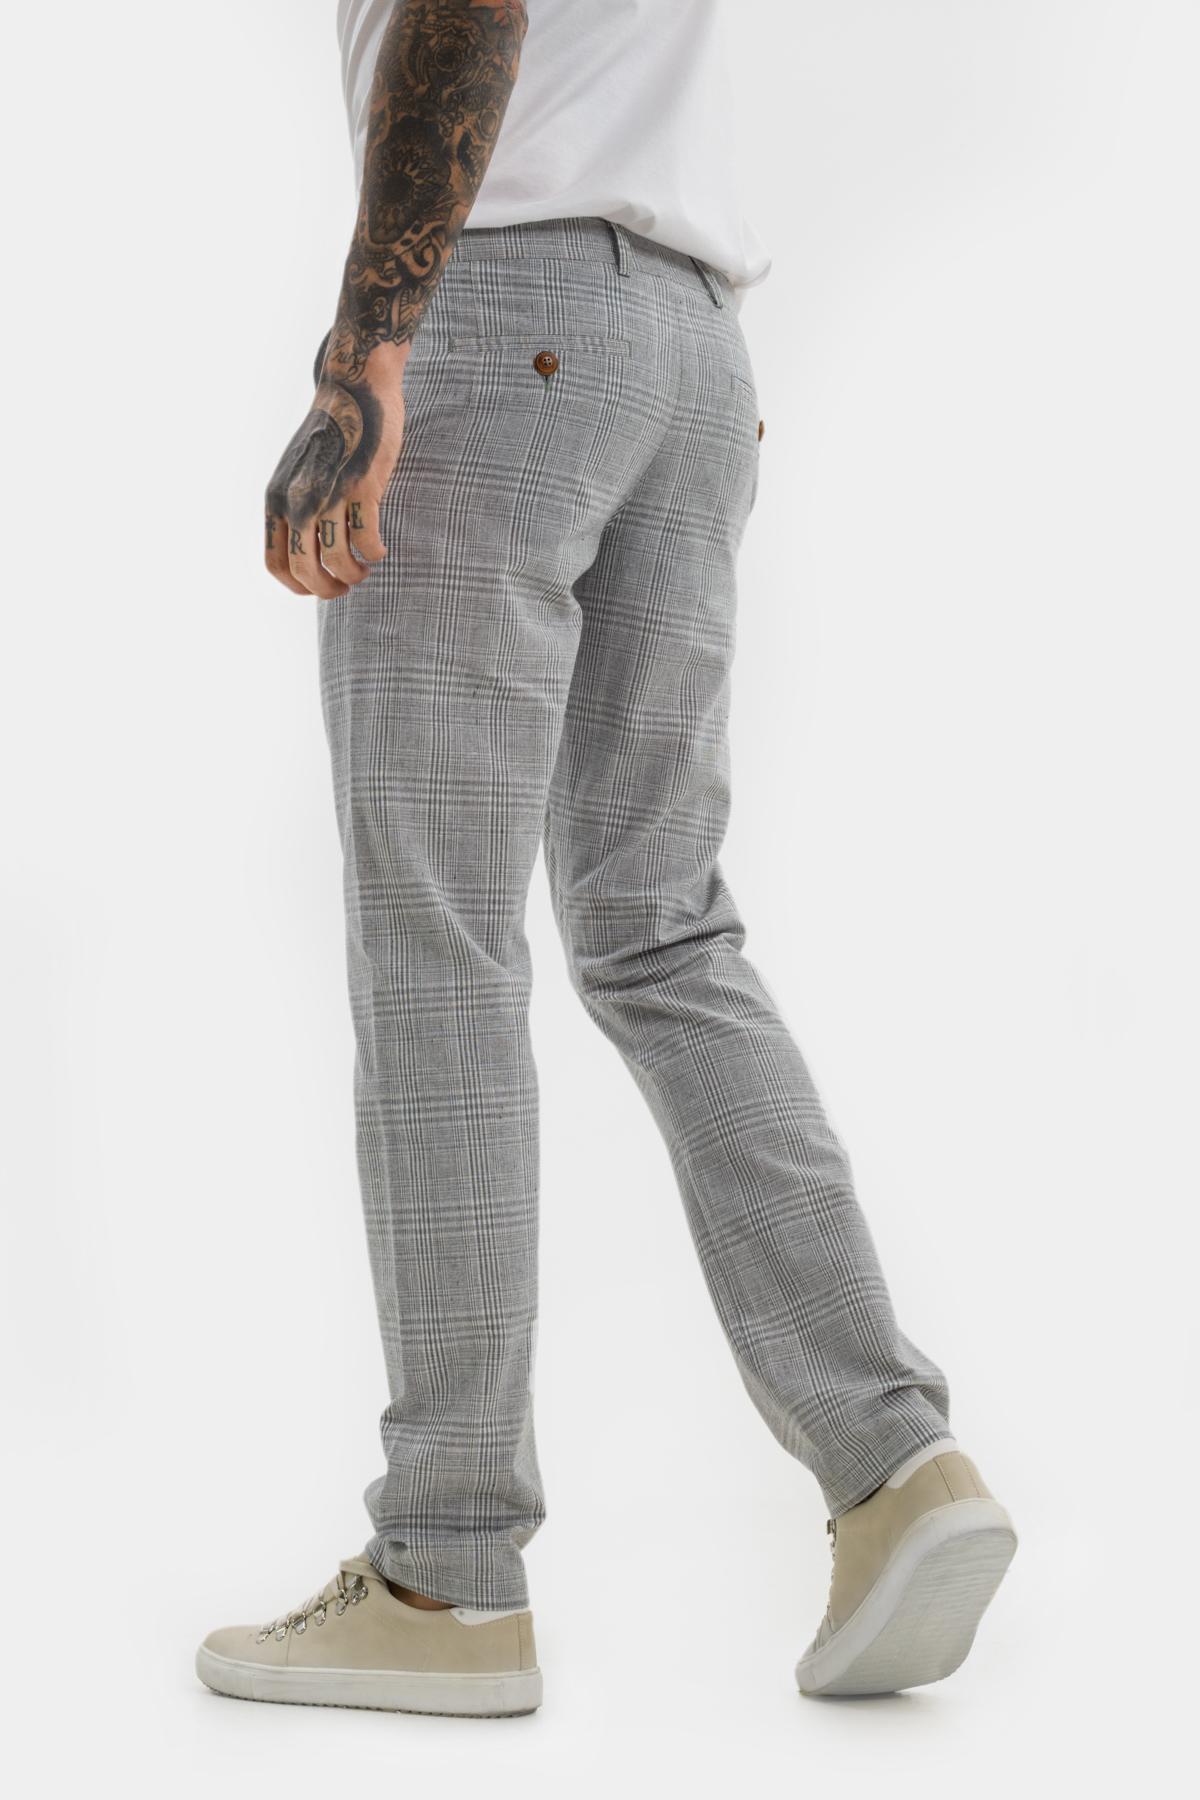 Зауженные брюки «chinos»,  из  хлопка в клетку.  Vaismann  21515